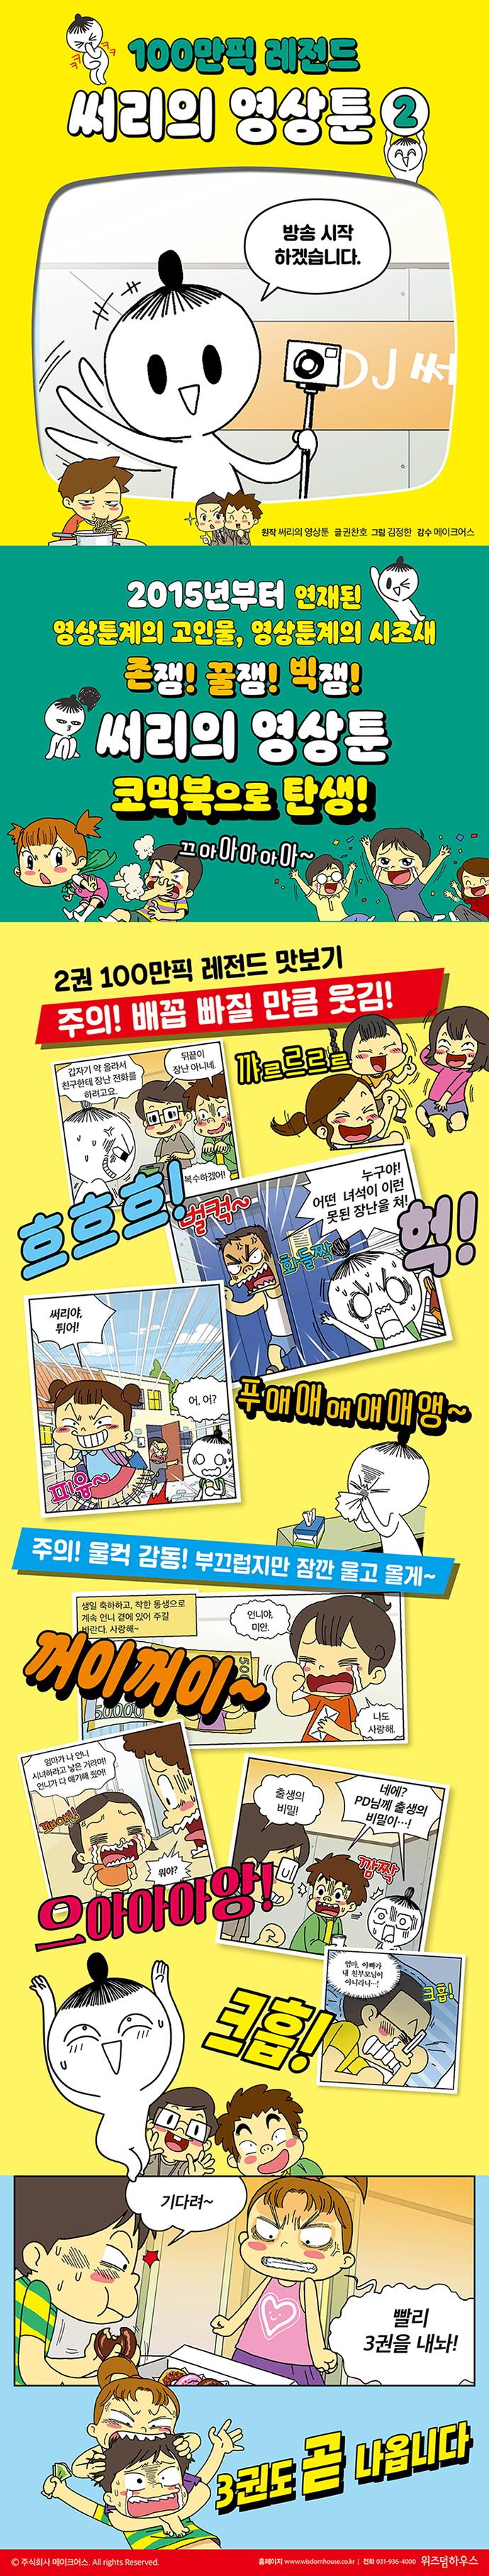 써리의 영상툰. 2(양장본 HardCover) 도서 상세이미지